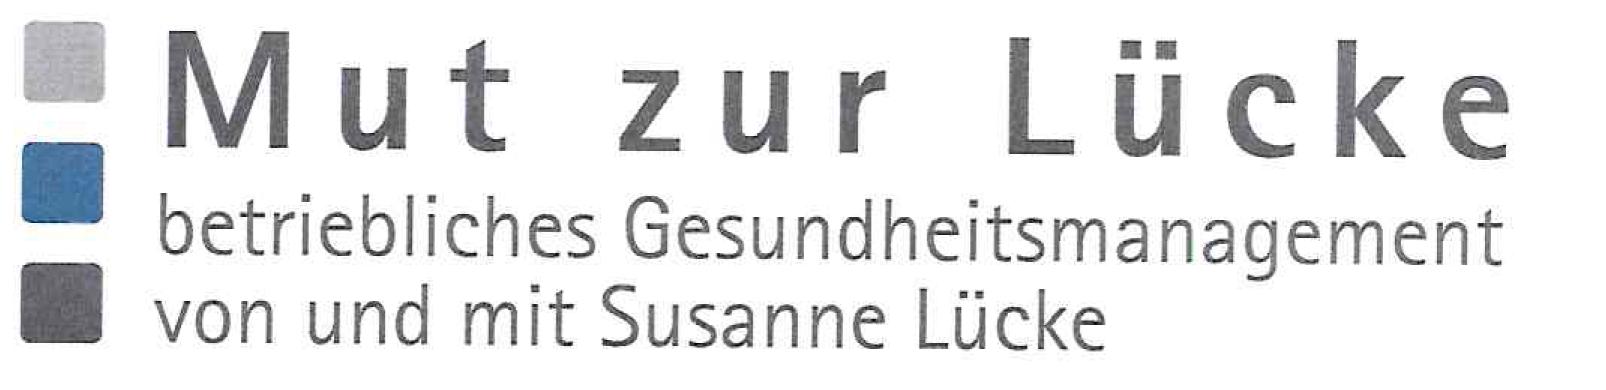 Lücke-logo